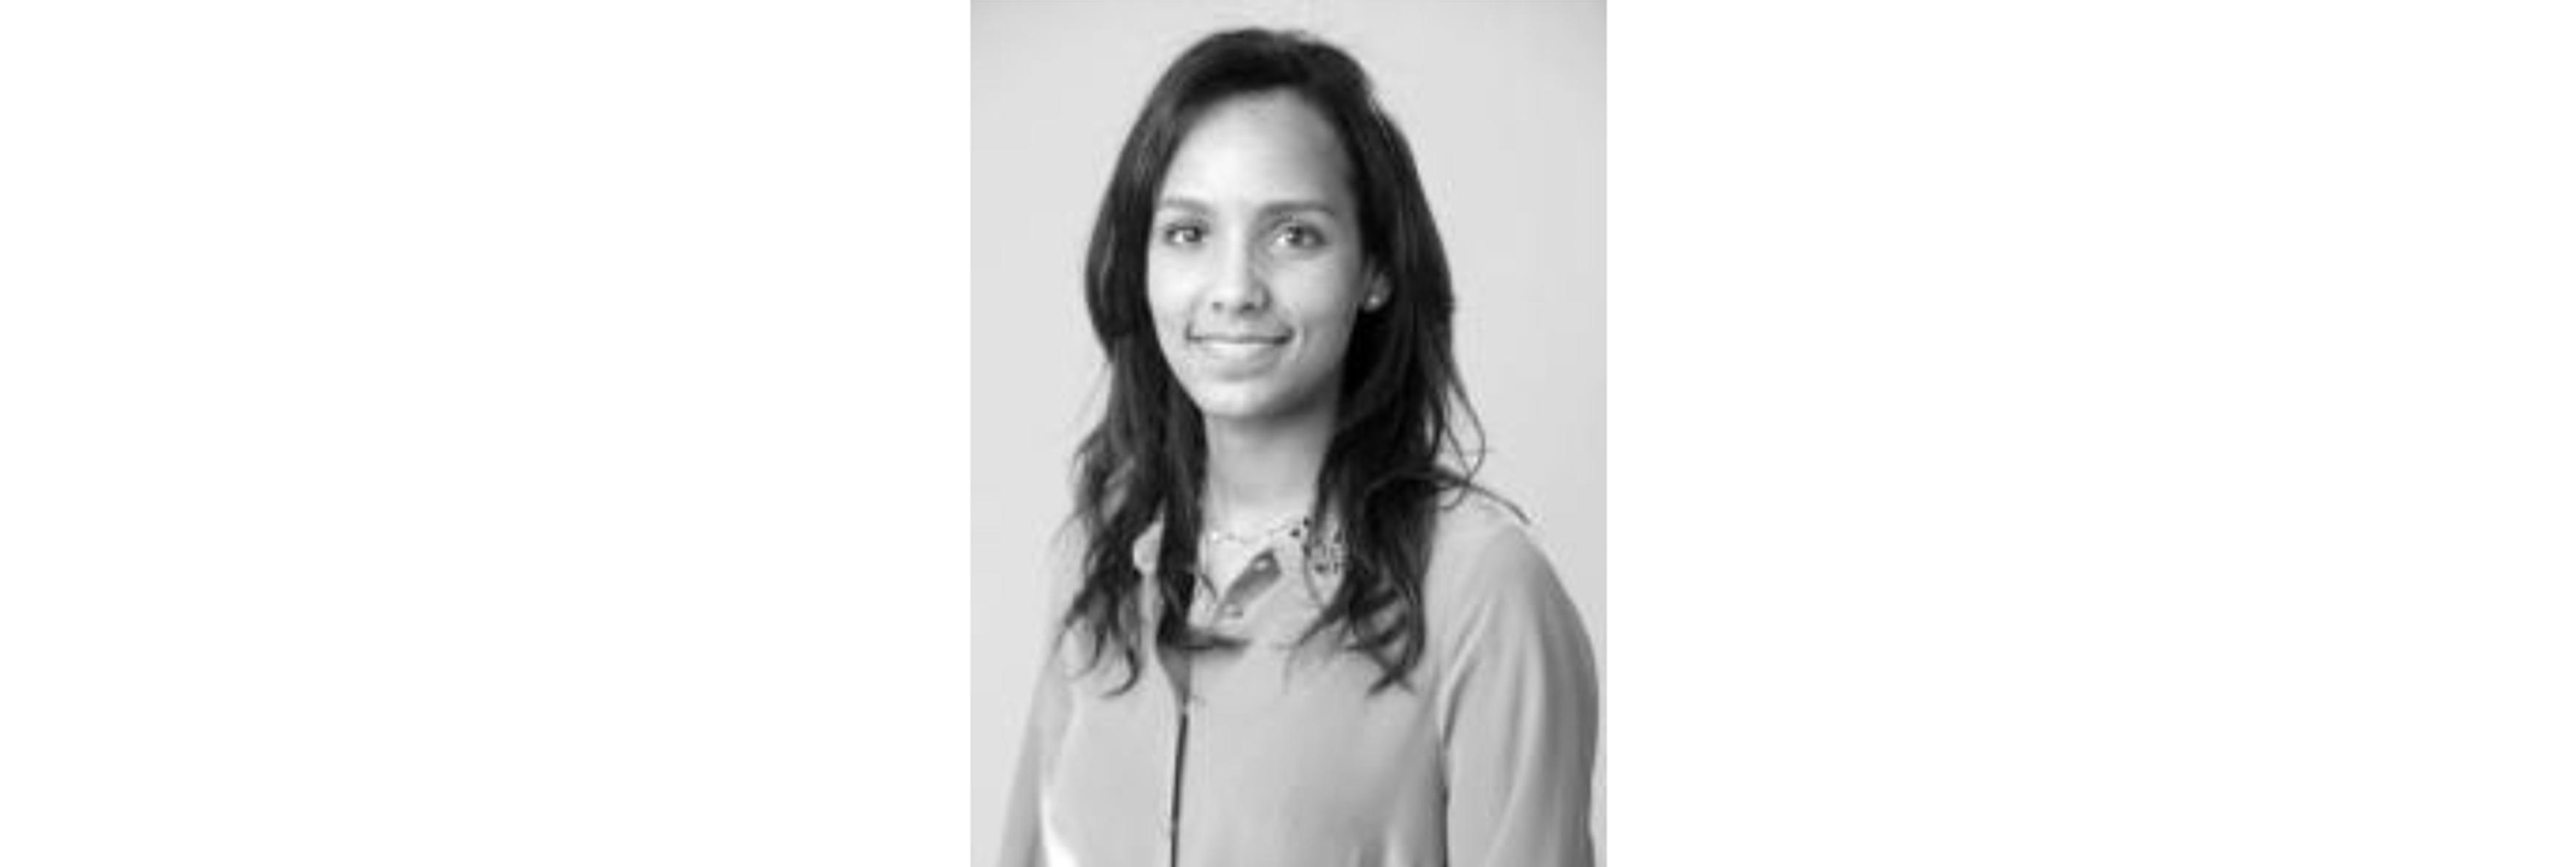 Emilie CLAVIER DGA du Centre Hospitalier de l'Europe de Port Marly et de la Clinique et SSIAD de Maisons-Laffitte, Territoire Île-de-France.